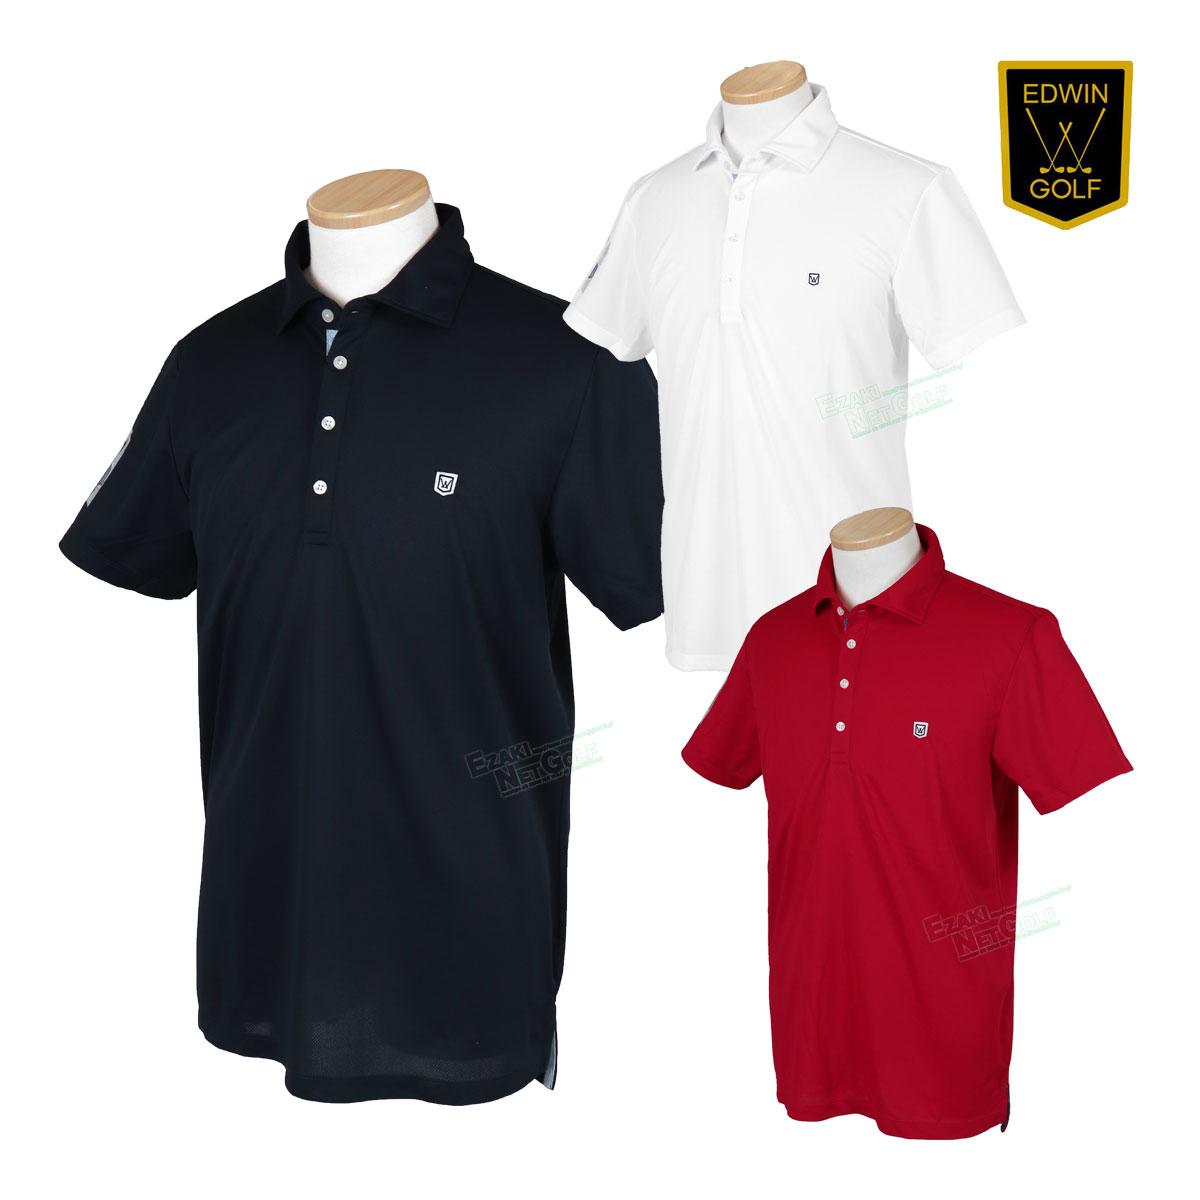 EDWIN GOLF エドウィンゴルフ 2020春夏モデルウエア ホリゾンタルカラーシャツ EG20SS5000 【あす楽対応】